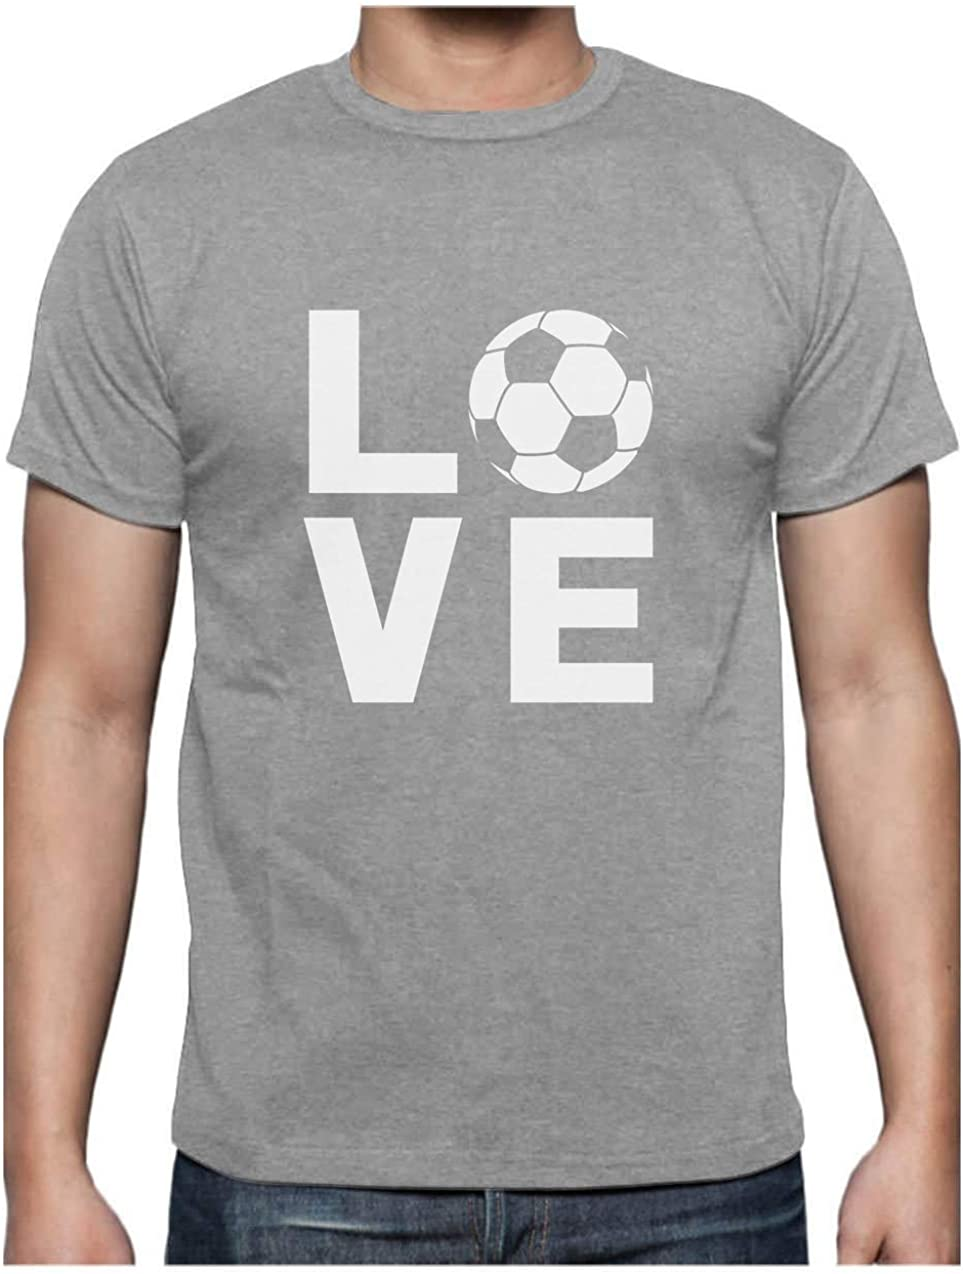 Green Turtle T-Shirts Camiseta para Hombre - Regalos para Deportistas, Regalos Futbol - Love Soccer -